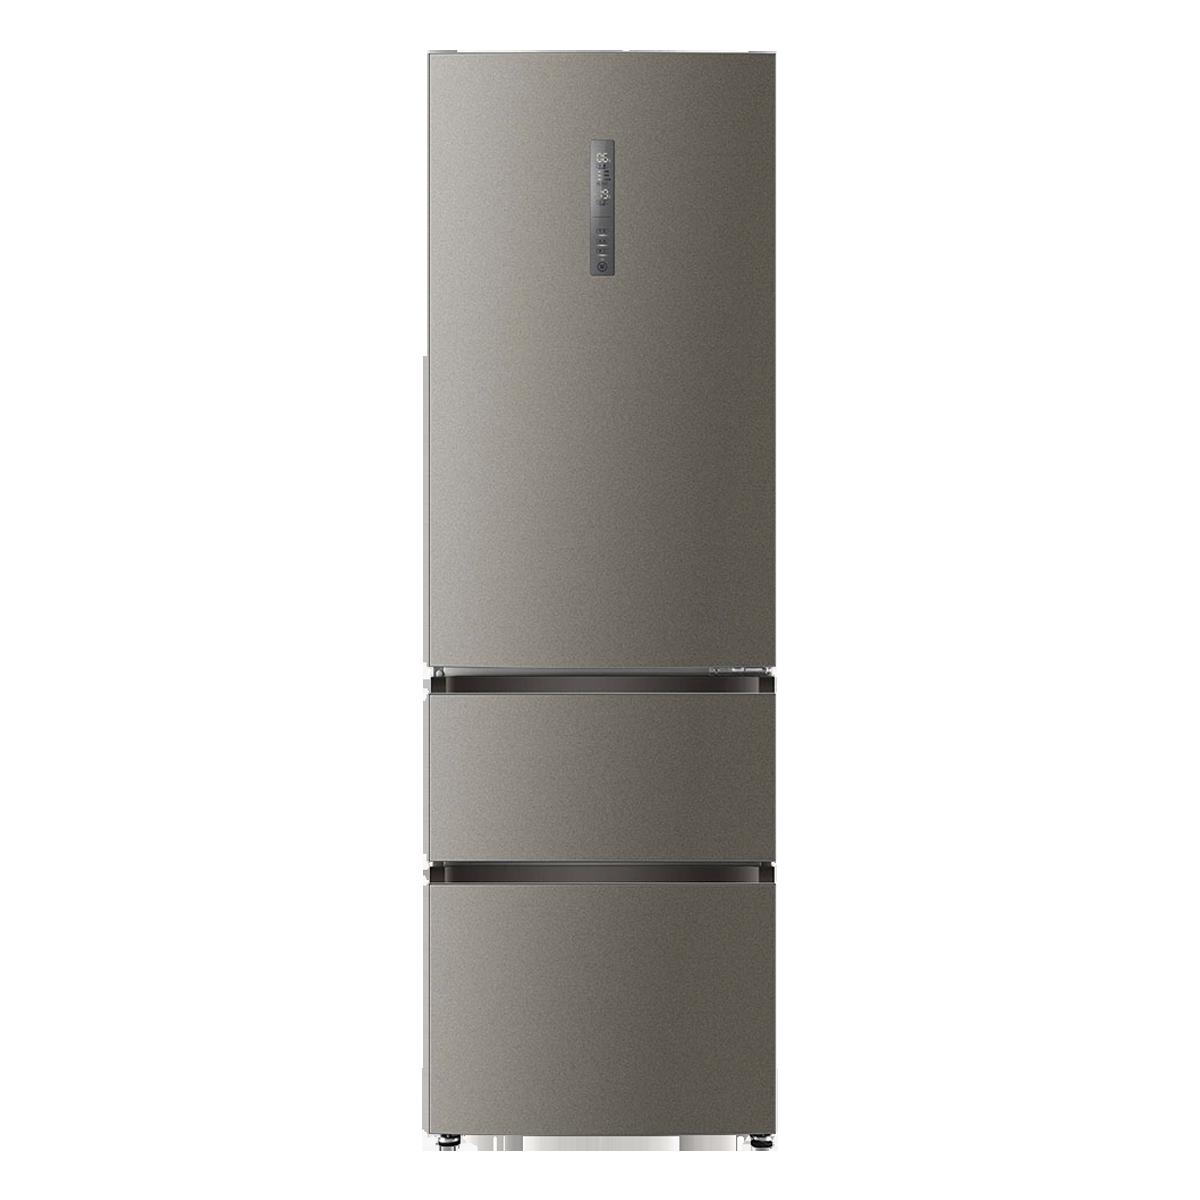 海尔Haier冰箱 BCD-340WDPG 说明书